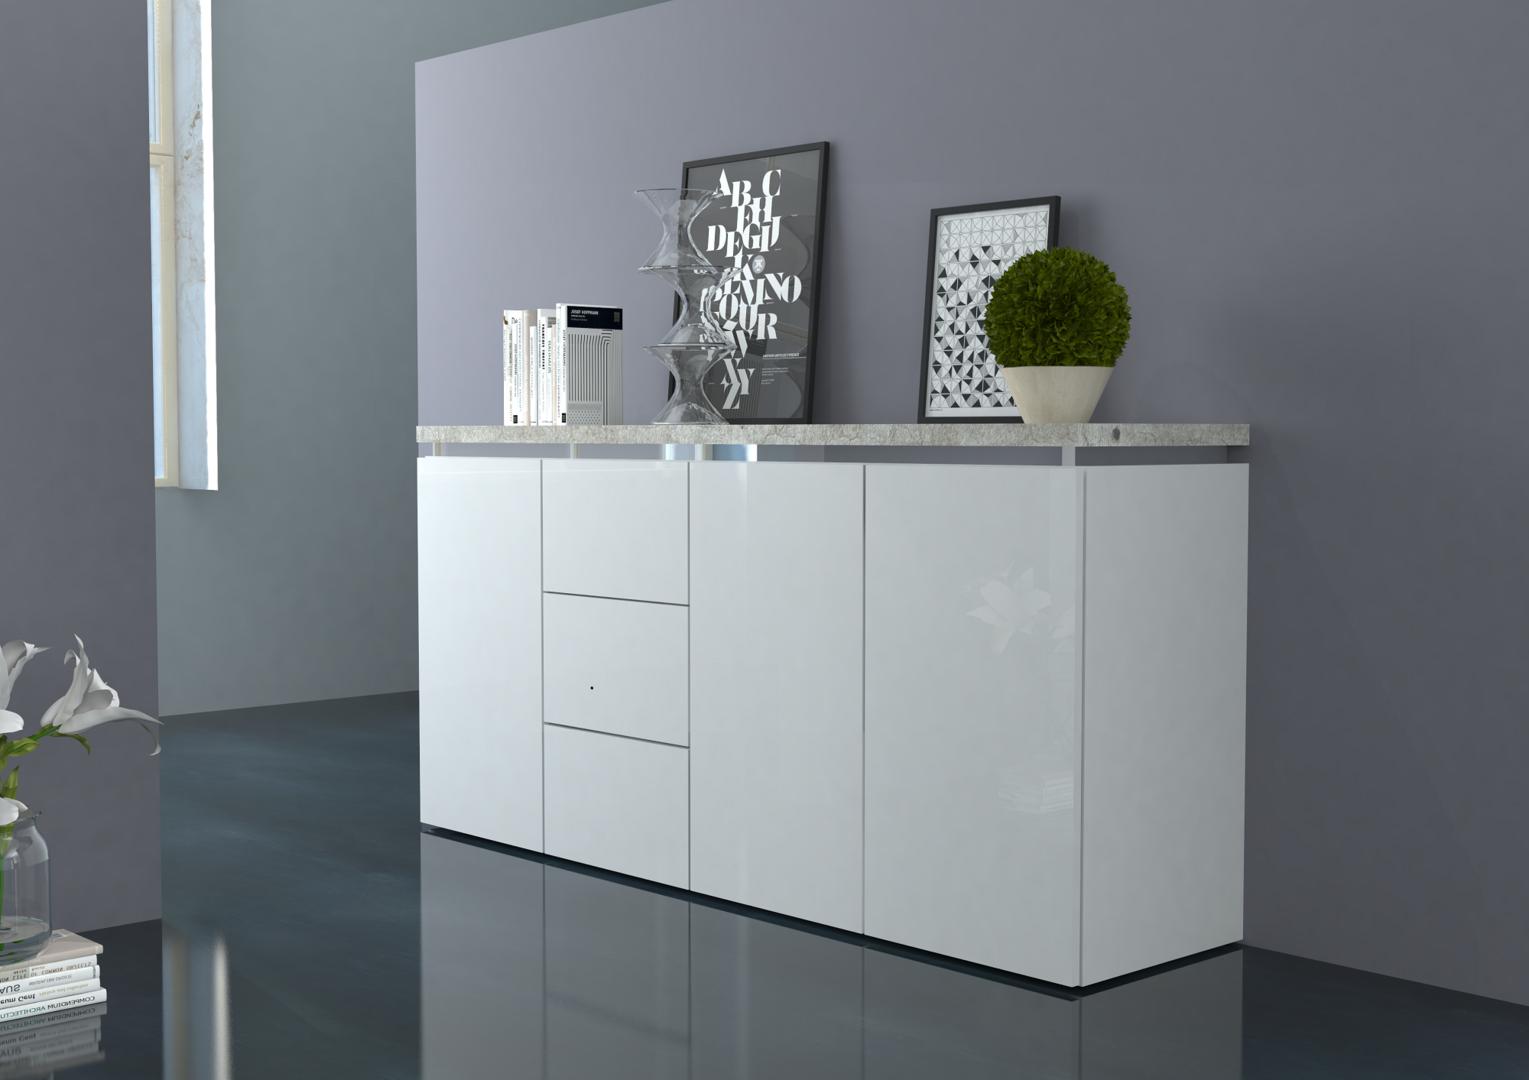 Mobile per soggiorno moderno messico madia bianca credenza for Mobile da soggiorno moderno